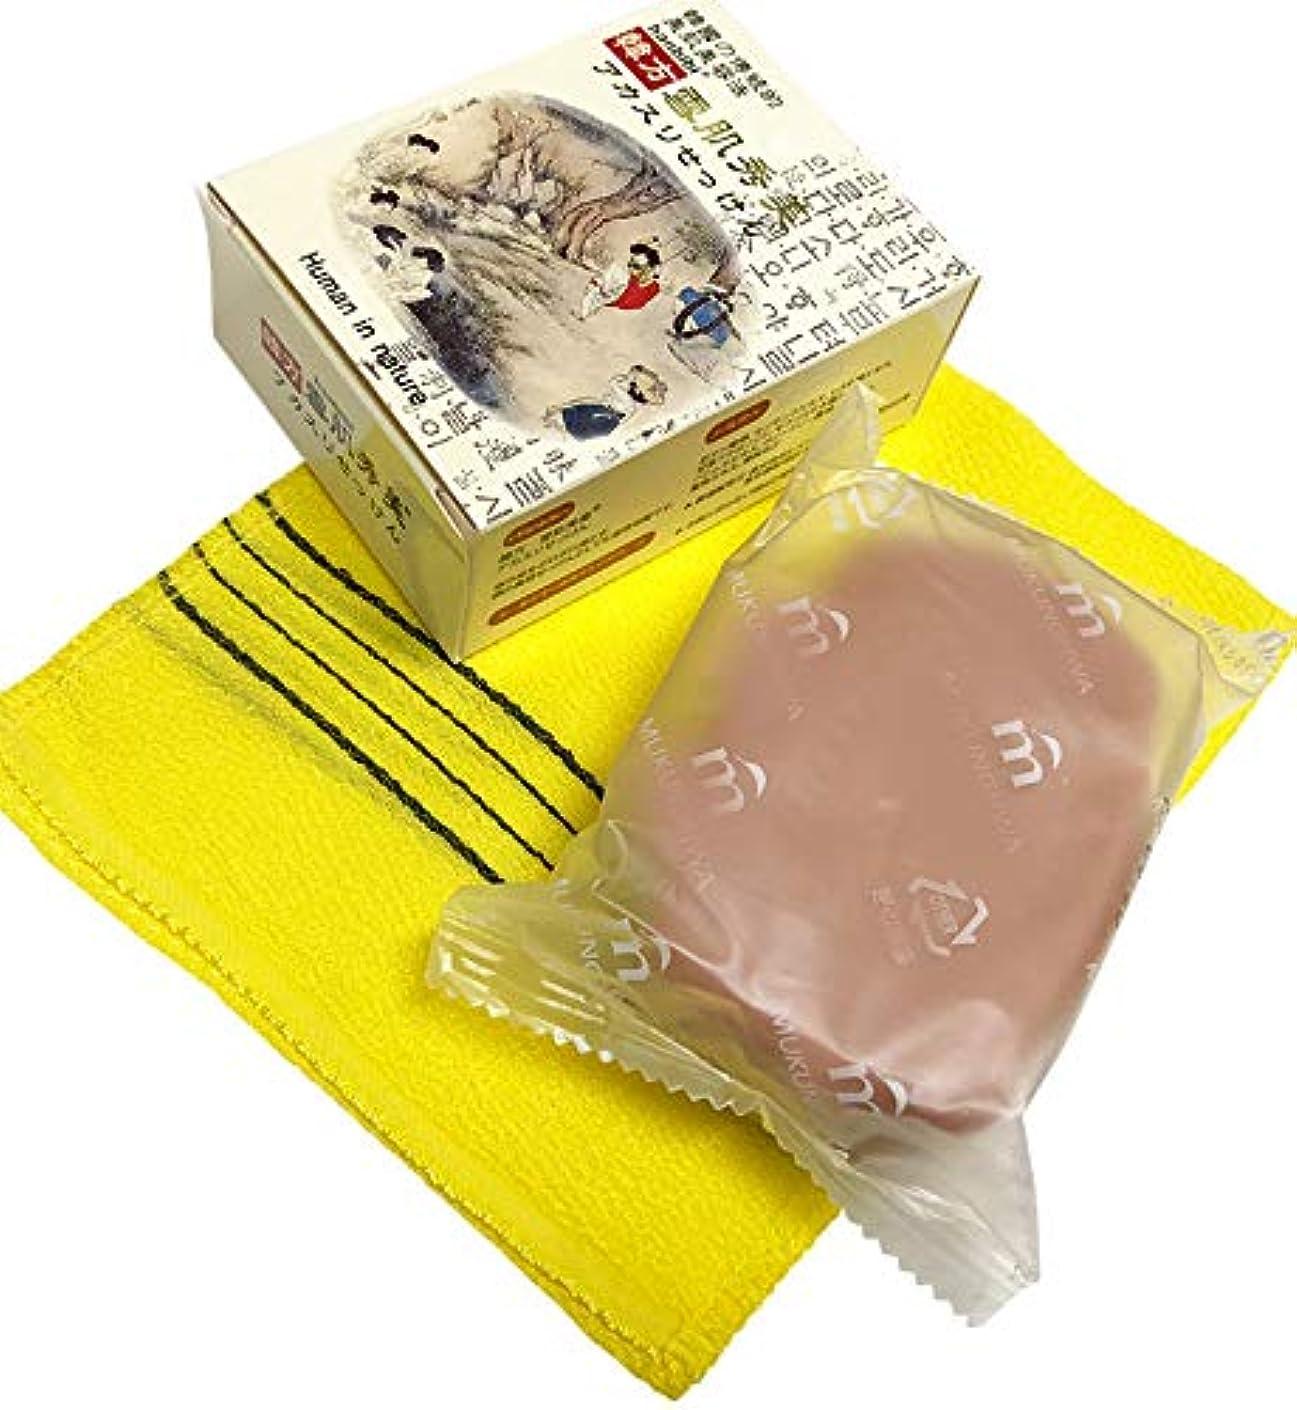 スキャンスチュワーデスホイスト顔、体兼用、蜂蜜香りの韓方石ケン、韓国コスメ 韓方[雪肌美]蜂蜜アカスリせっけん アカスリ専用タオル付き